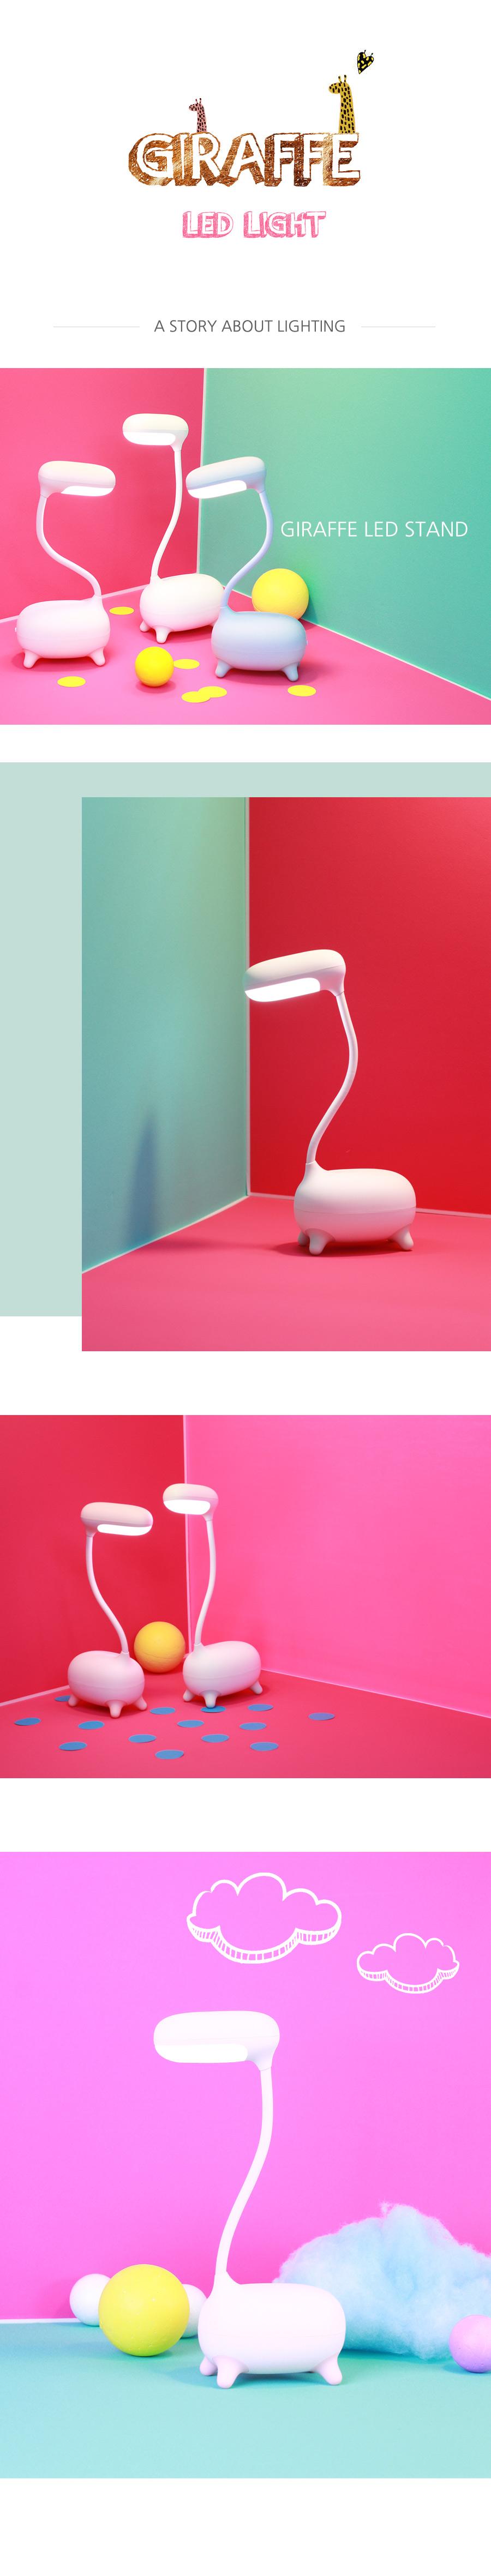 GIRAFFE(기린) LED 스탠드 - 화이트 - 오-하, 25,000원, 리빙조명, 테이블조명